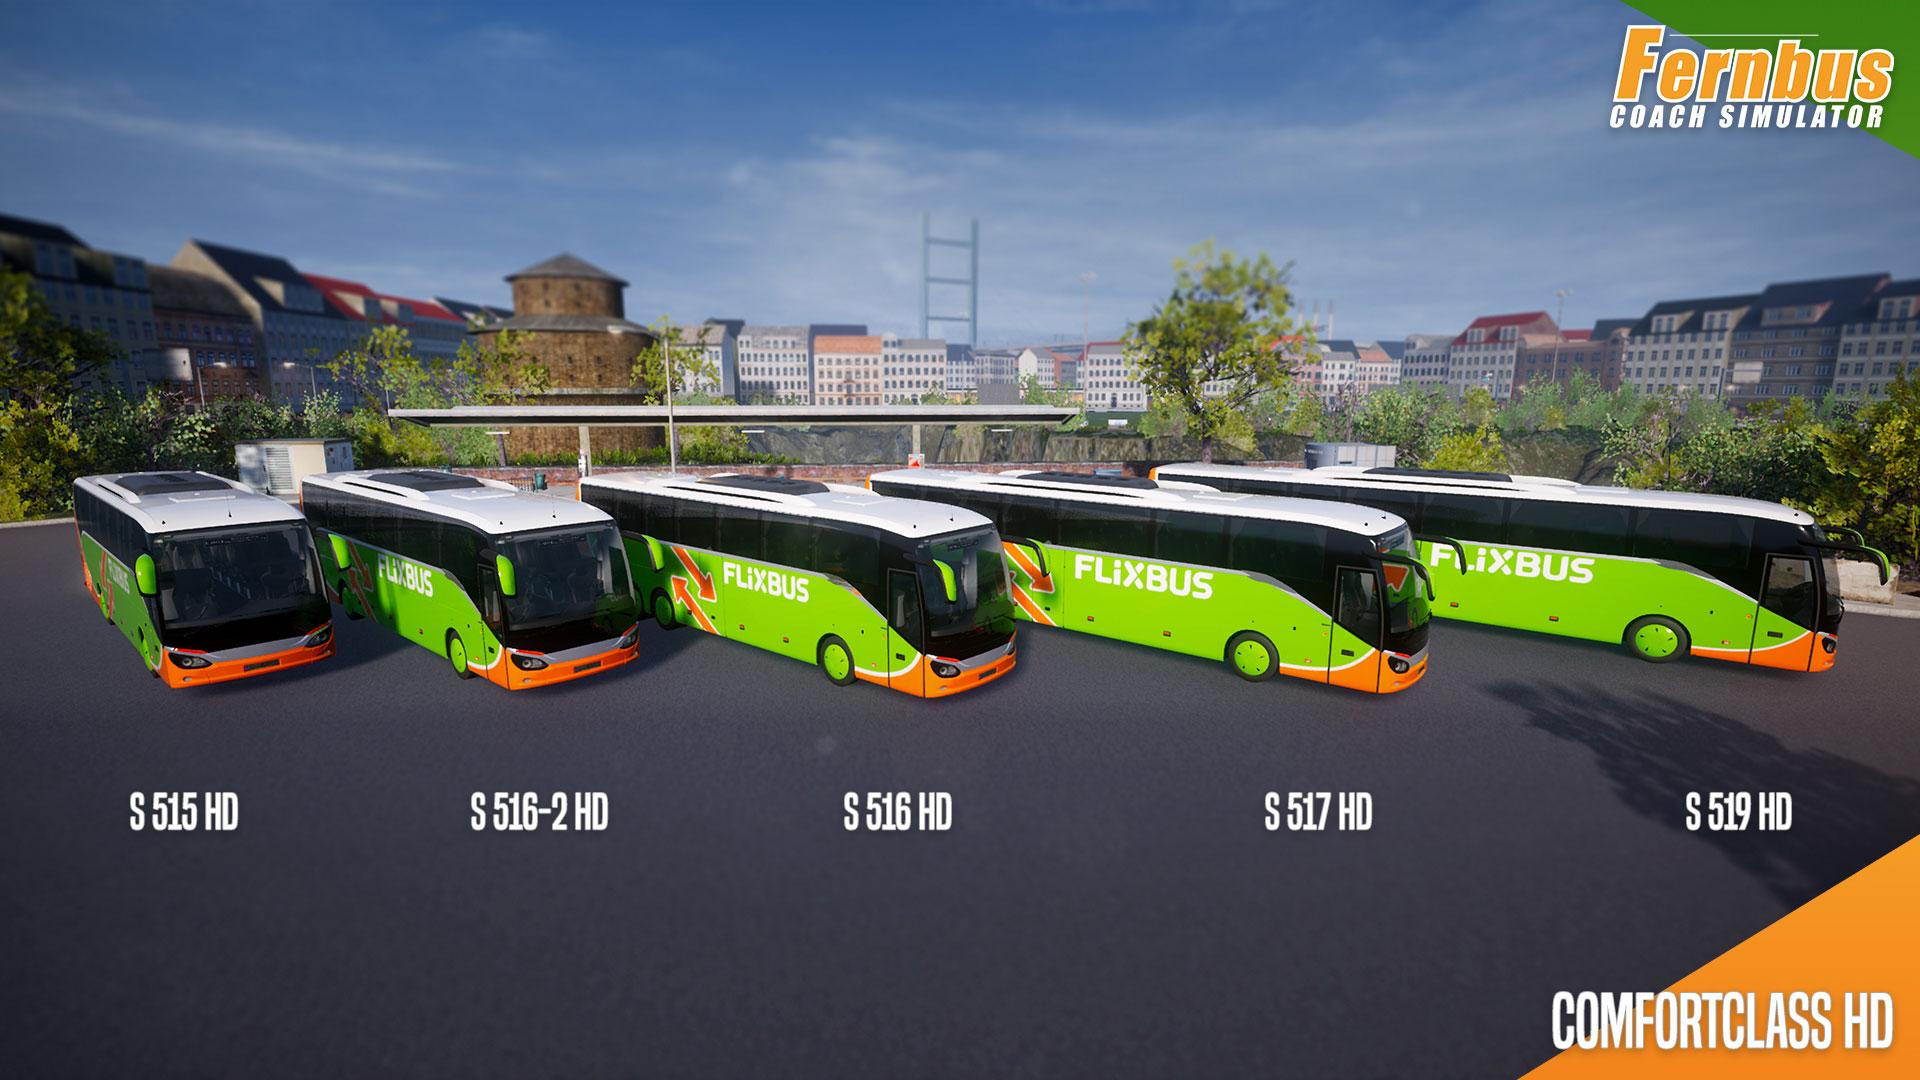 Car Simulator Games >> Fernbus Simulator'ın Setra Comfort Class HD Otobüs Paketi Çıktı!